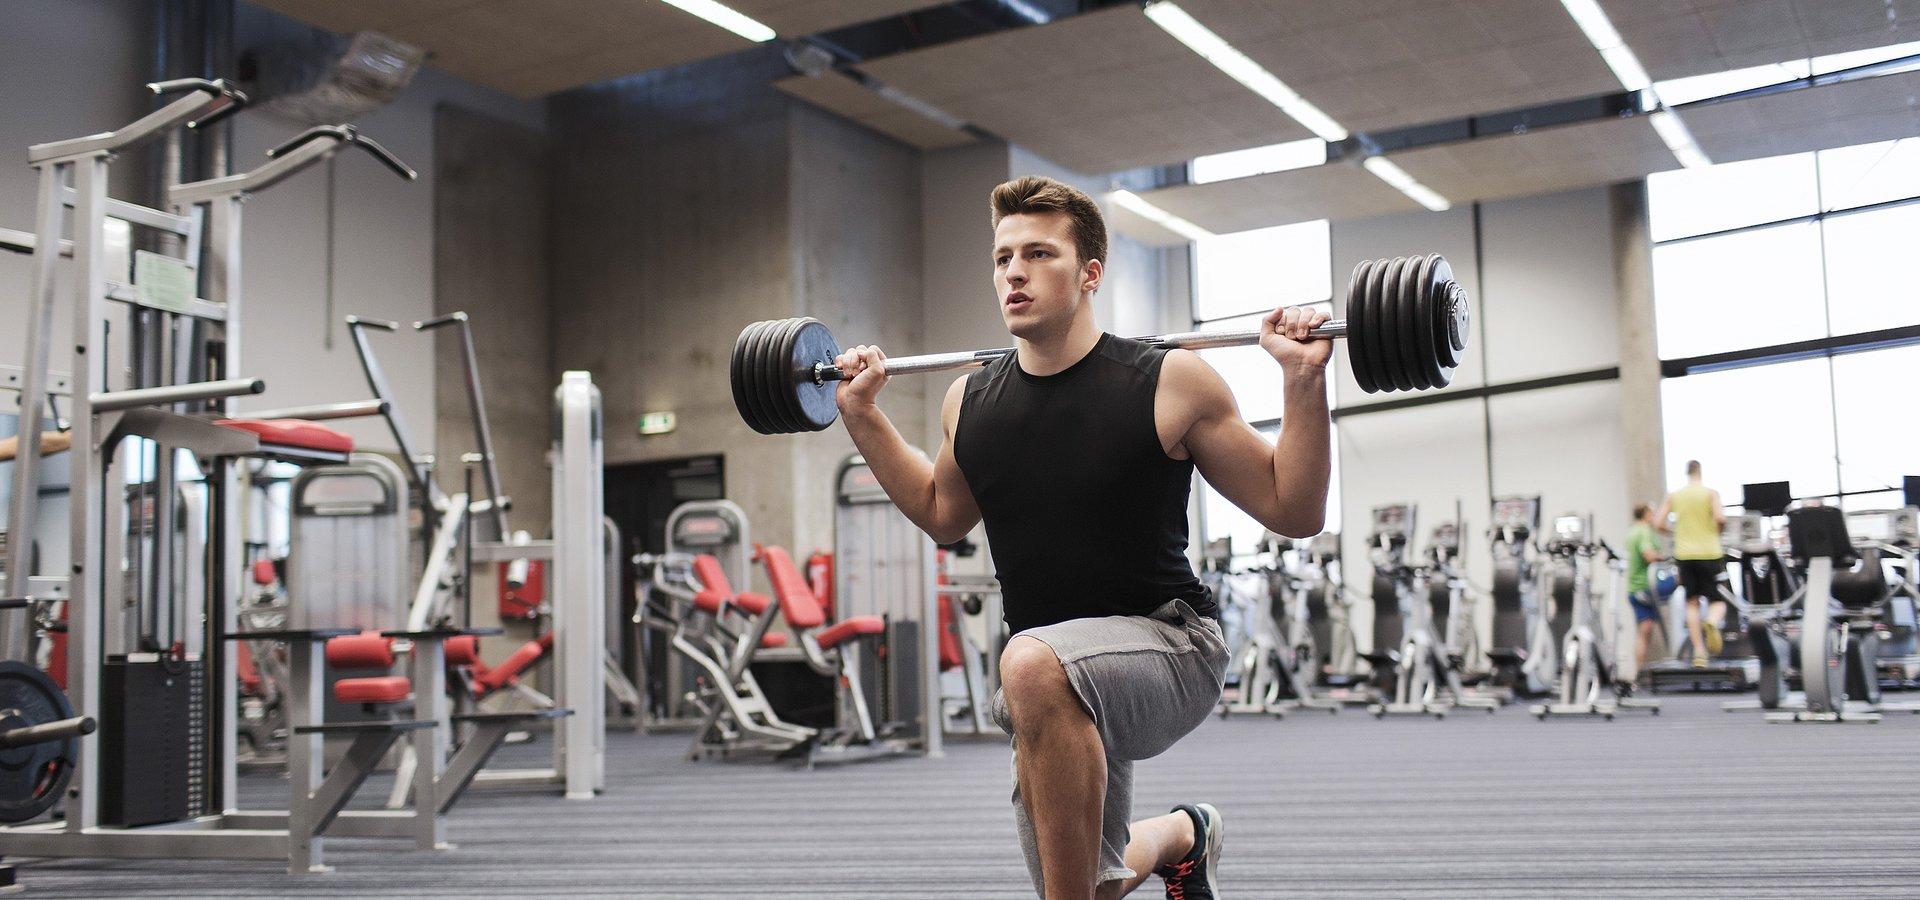 Powrót do sportu po COVID? Ekspert Medicover radzi jak bezpiecznie i zdrowo wrócić do treningu po Covid-19